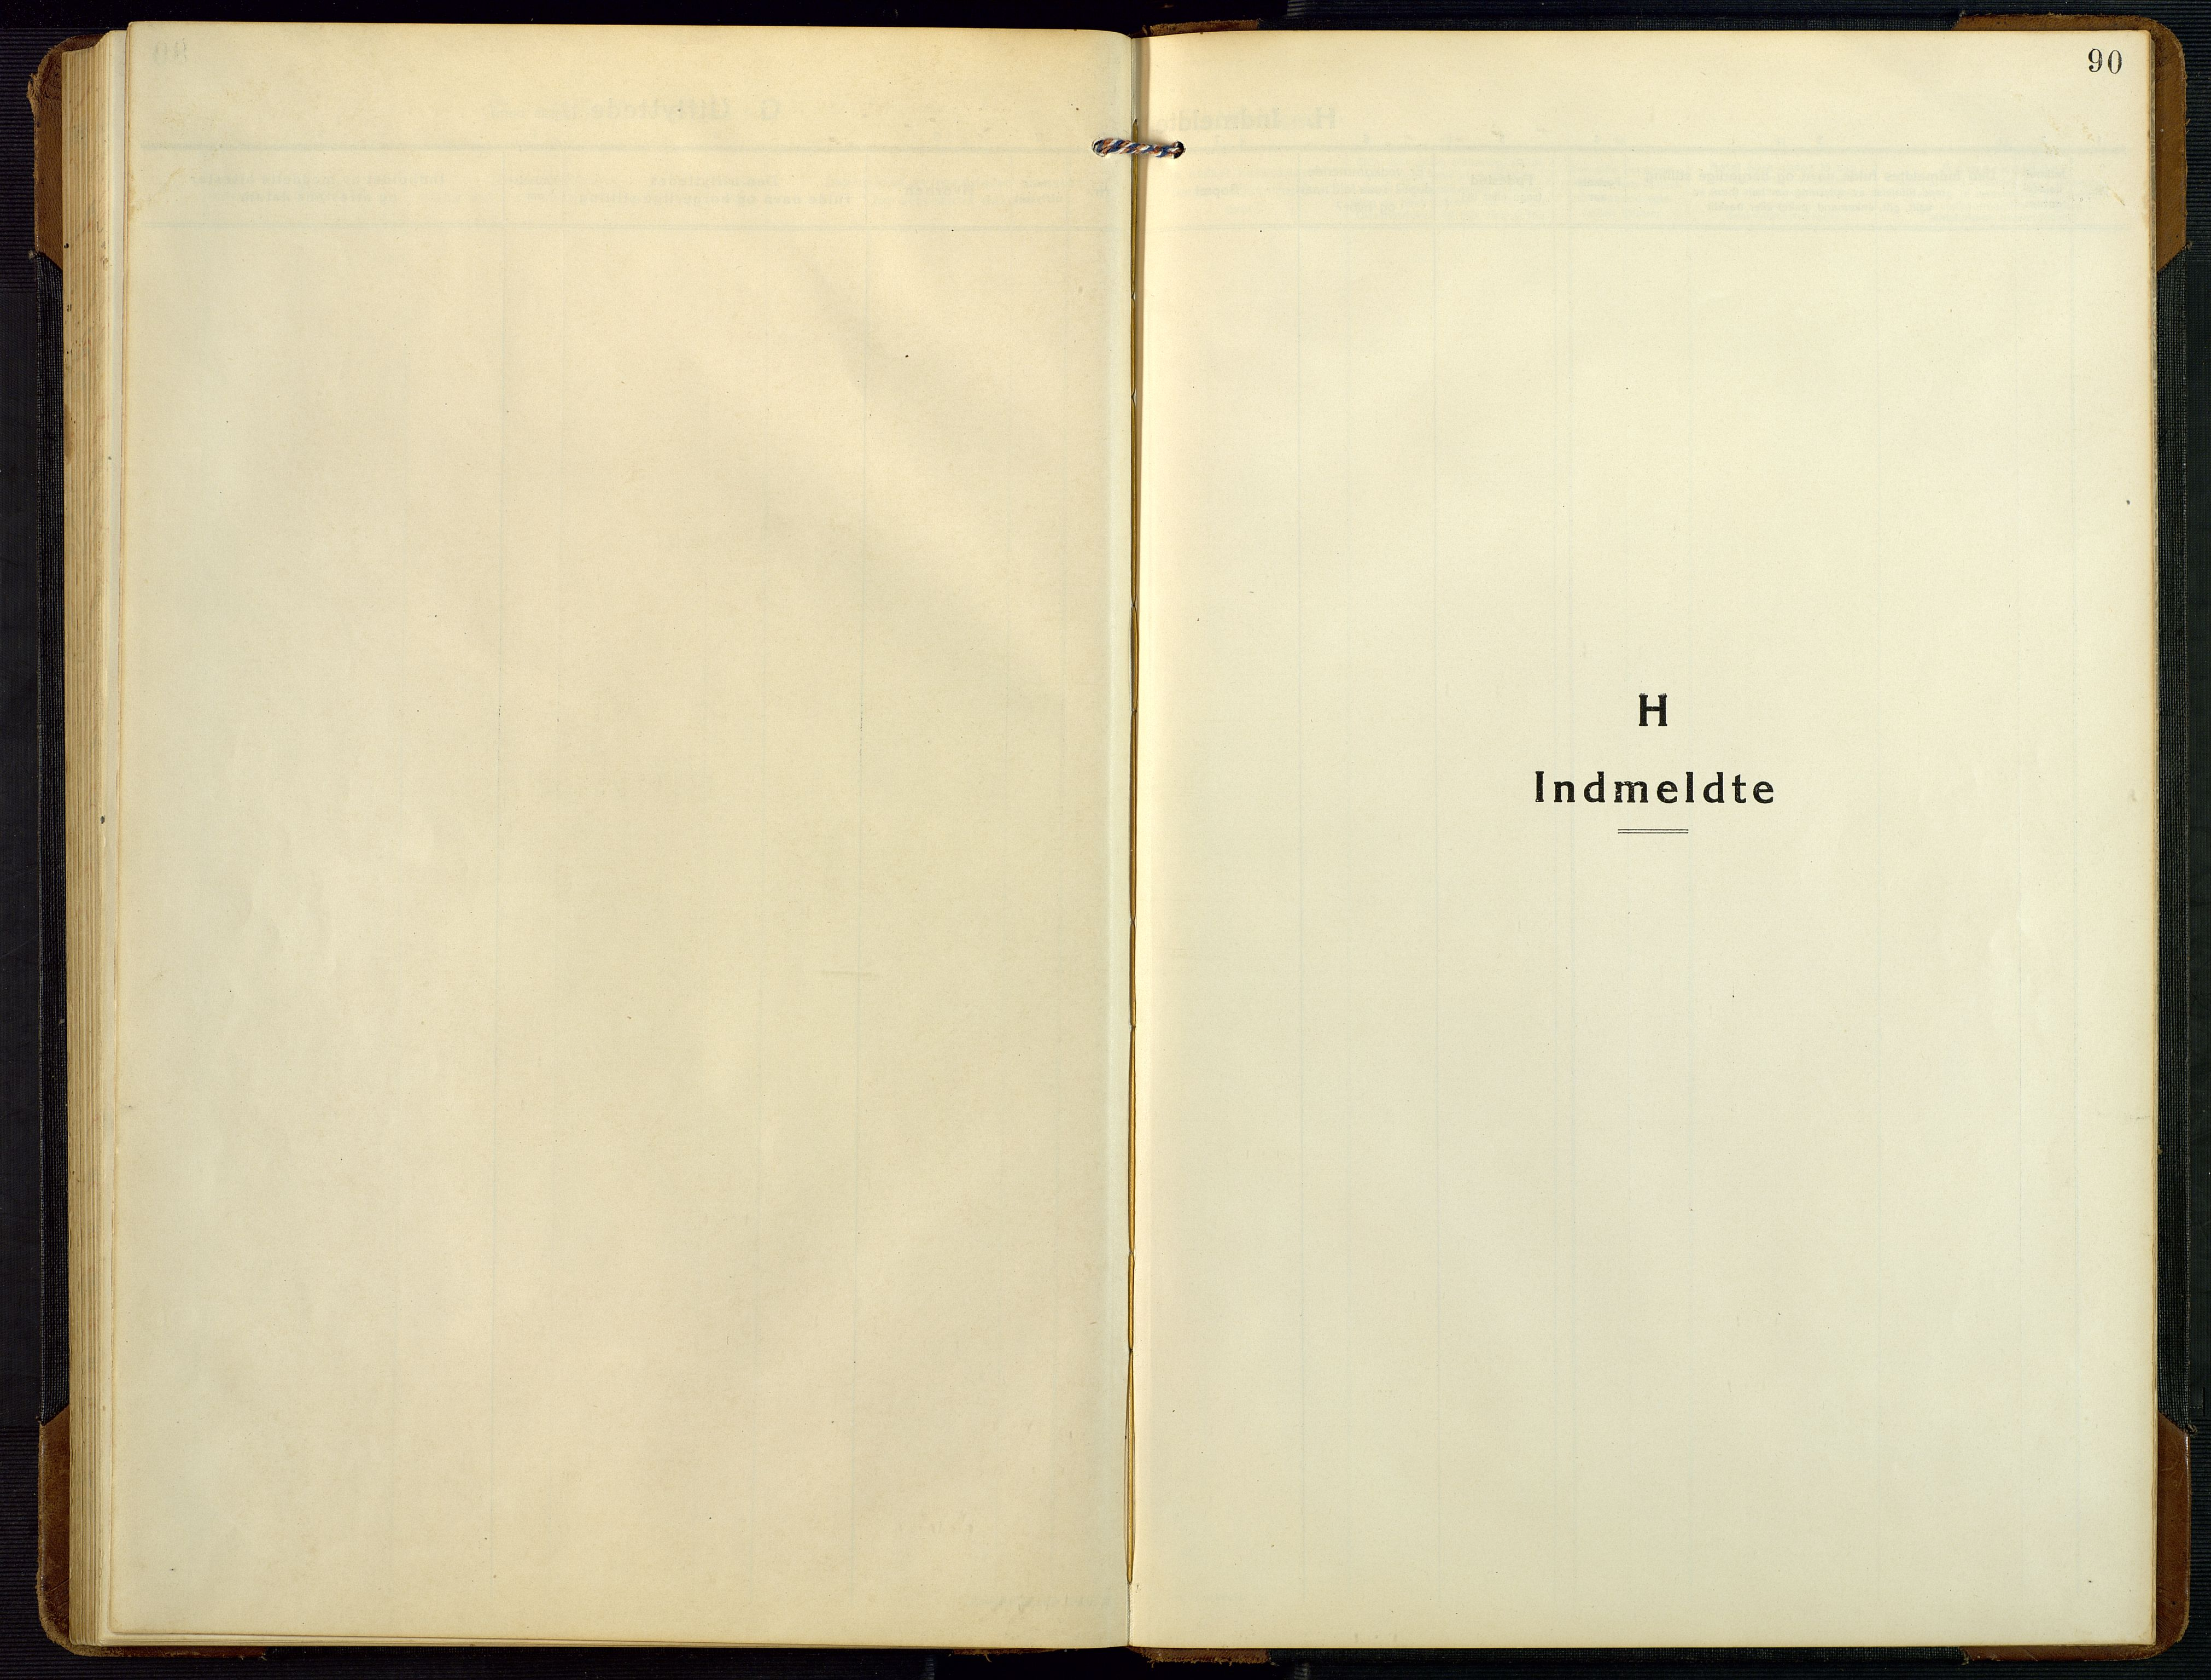 SAK, Bygland sokneprestkontor, F/Fb/Fbc/L0003: Klokkerbok nr. B 3, 1916-1975, s. 90